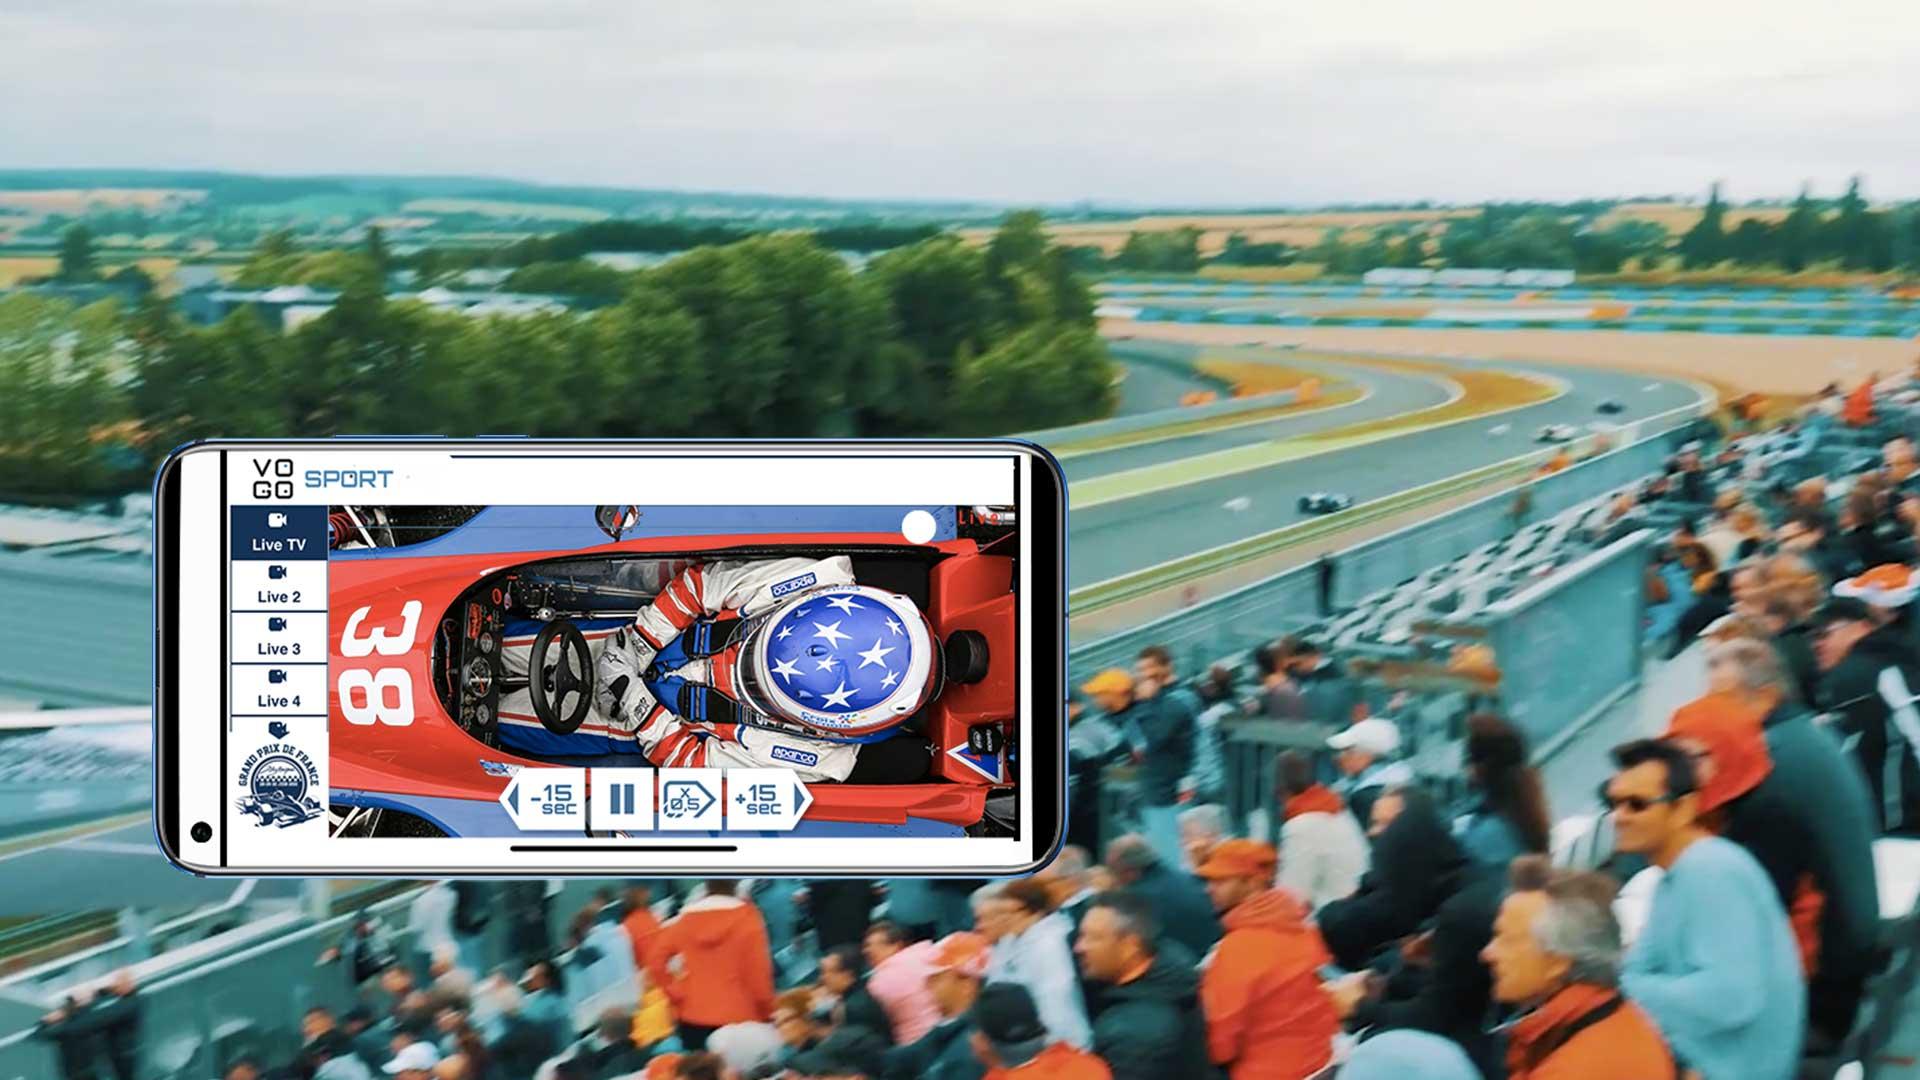 image du cockpit sur telephone portable avec la muticam vogo group